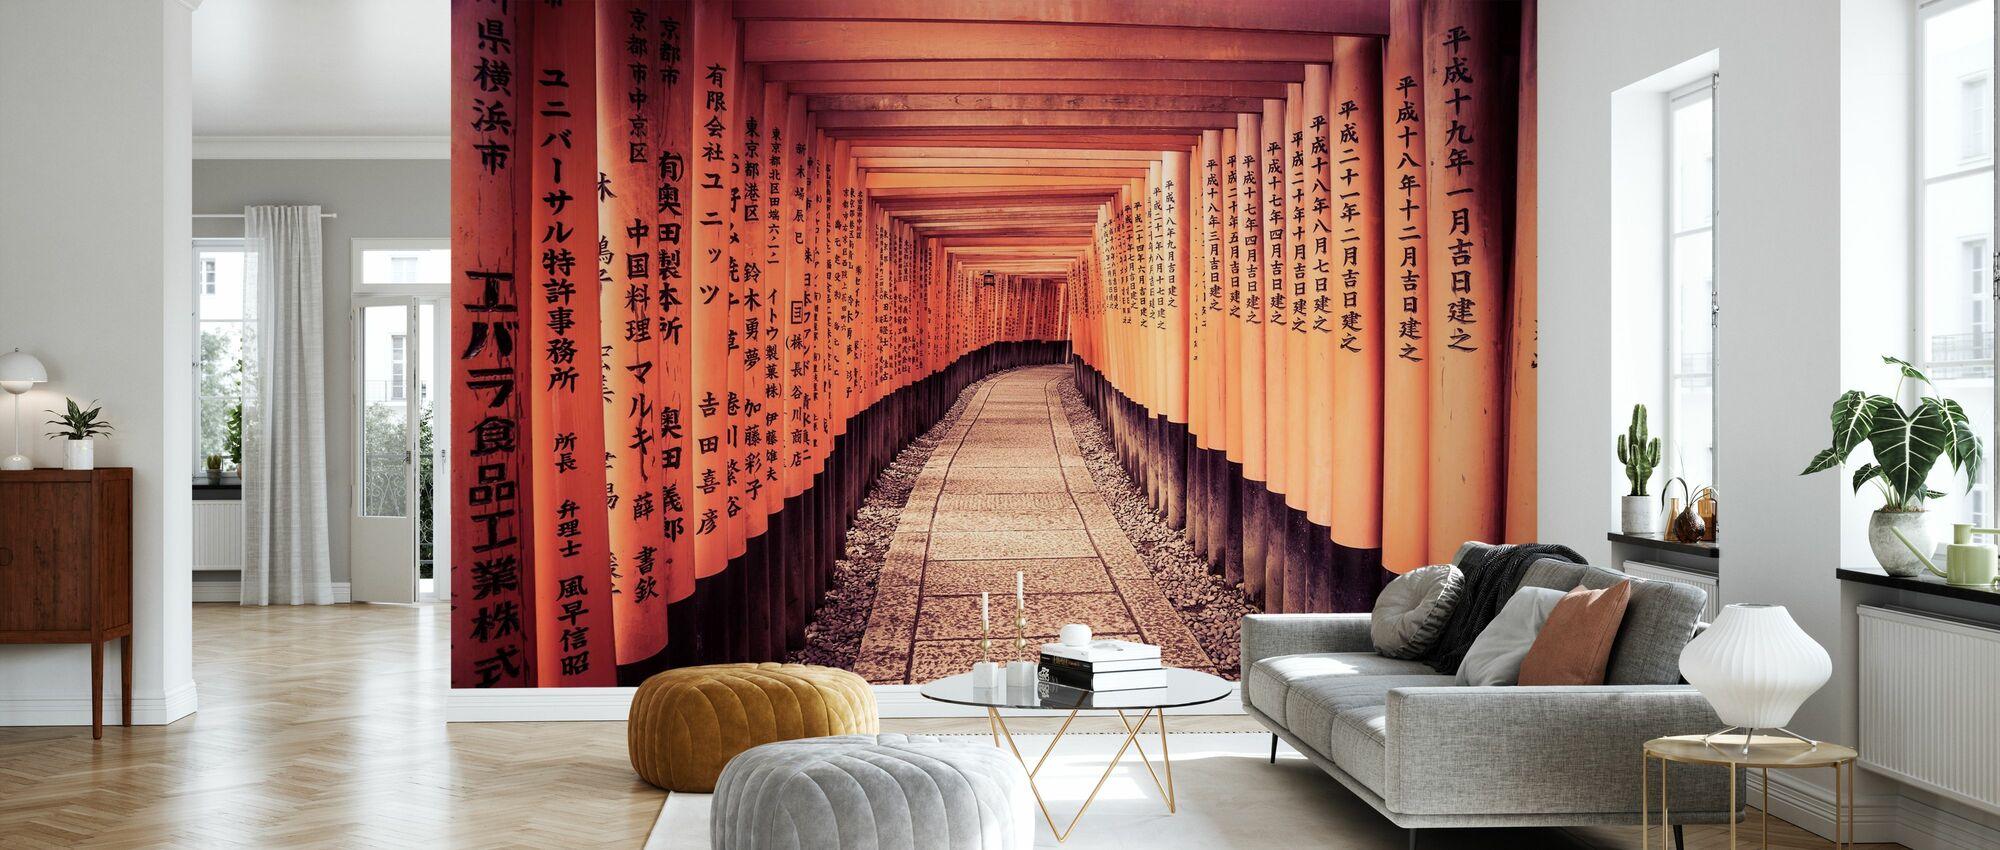 Historische Kyoto-poorten in Japan - Behang - Woonkamer